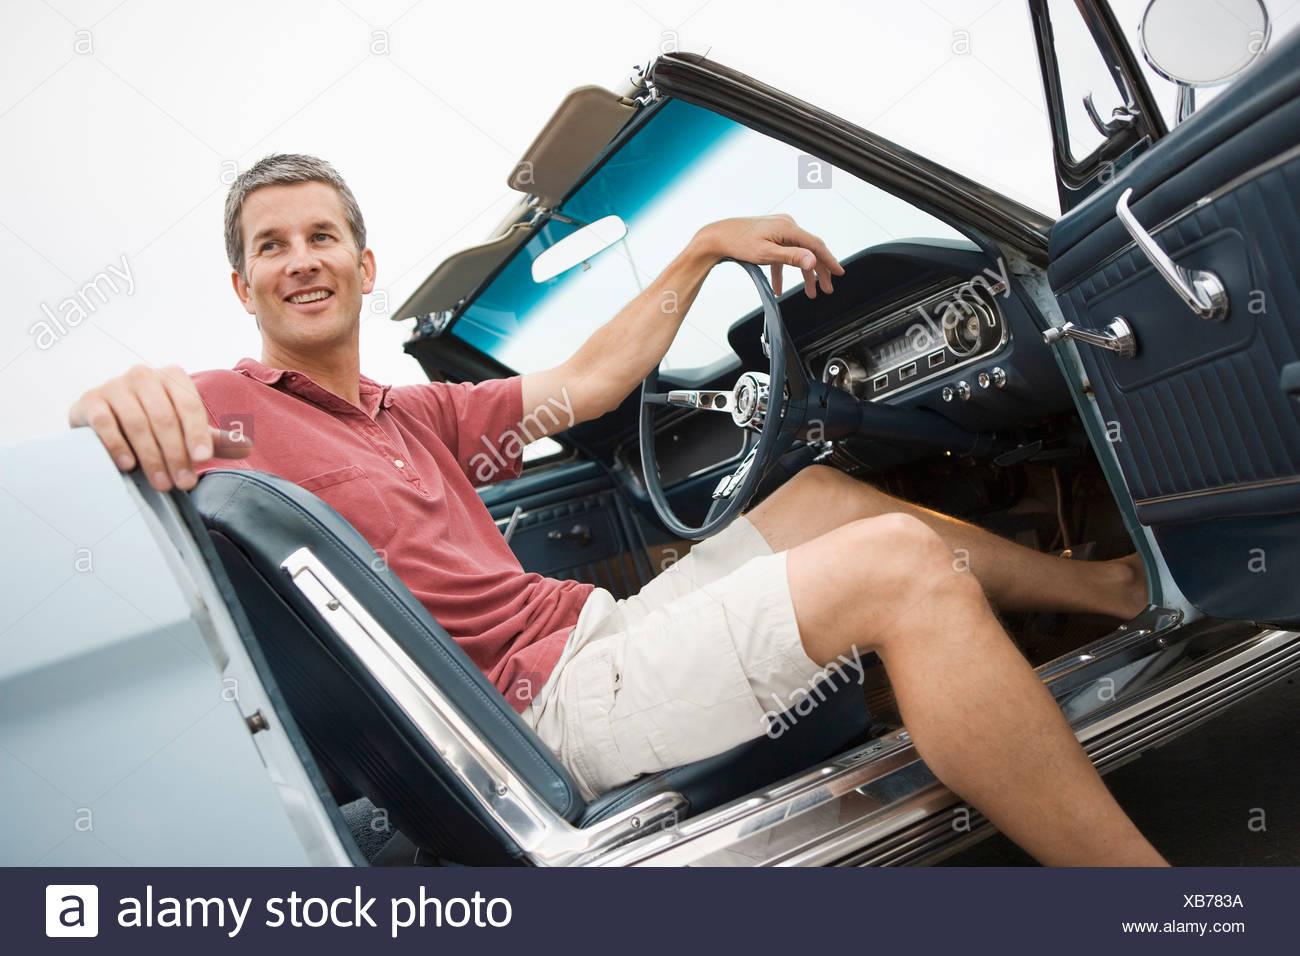 Un uomo sorridente con il sale e il pepe capelli colorati nella sua metà  40 s siede nel suo classico degli anni sessanta era Ford Mustang su un  estate ... d1c7df33110b